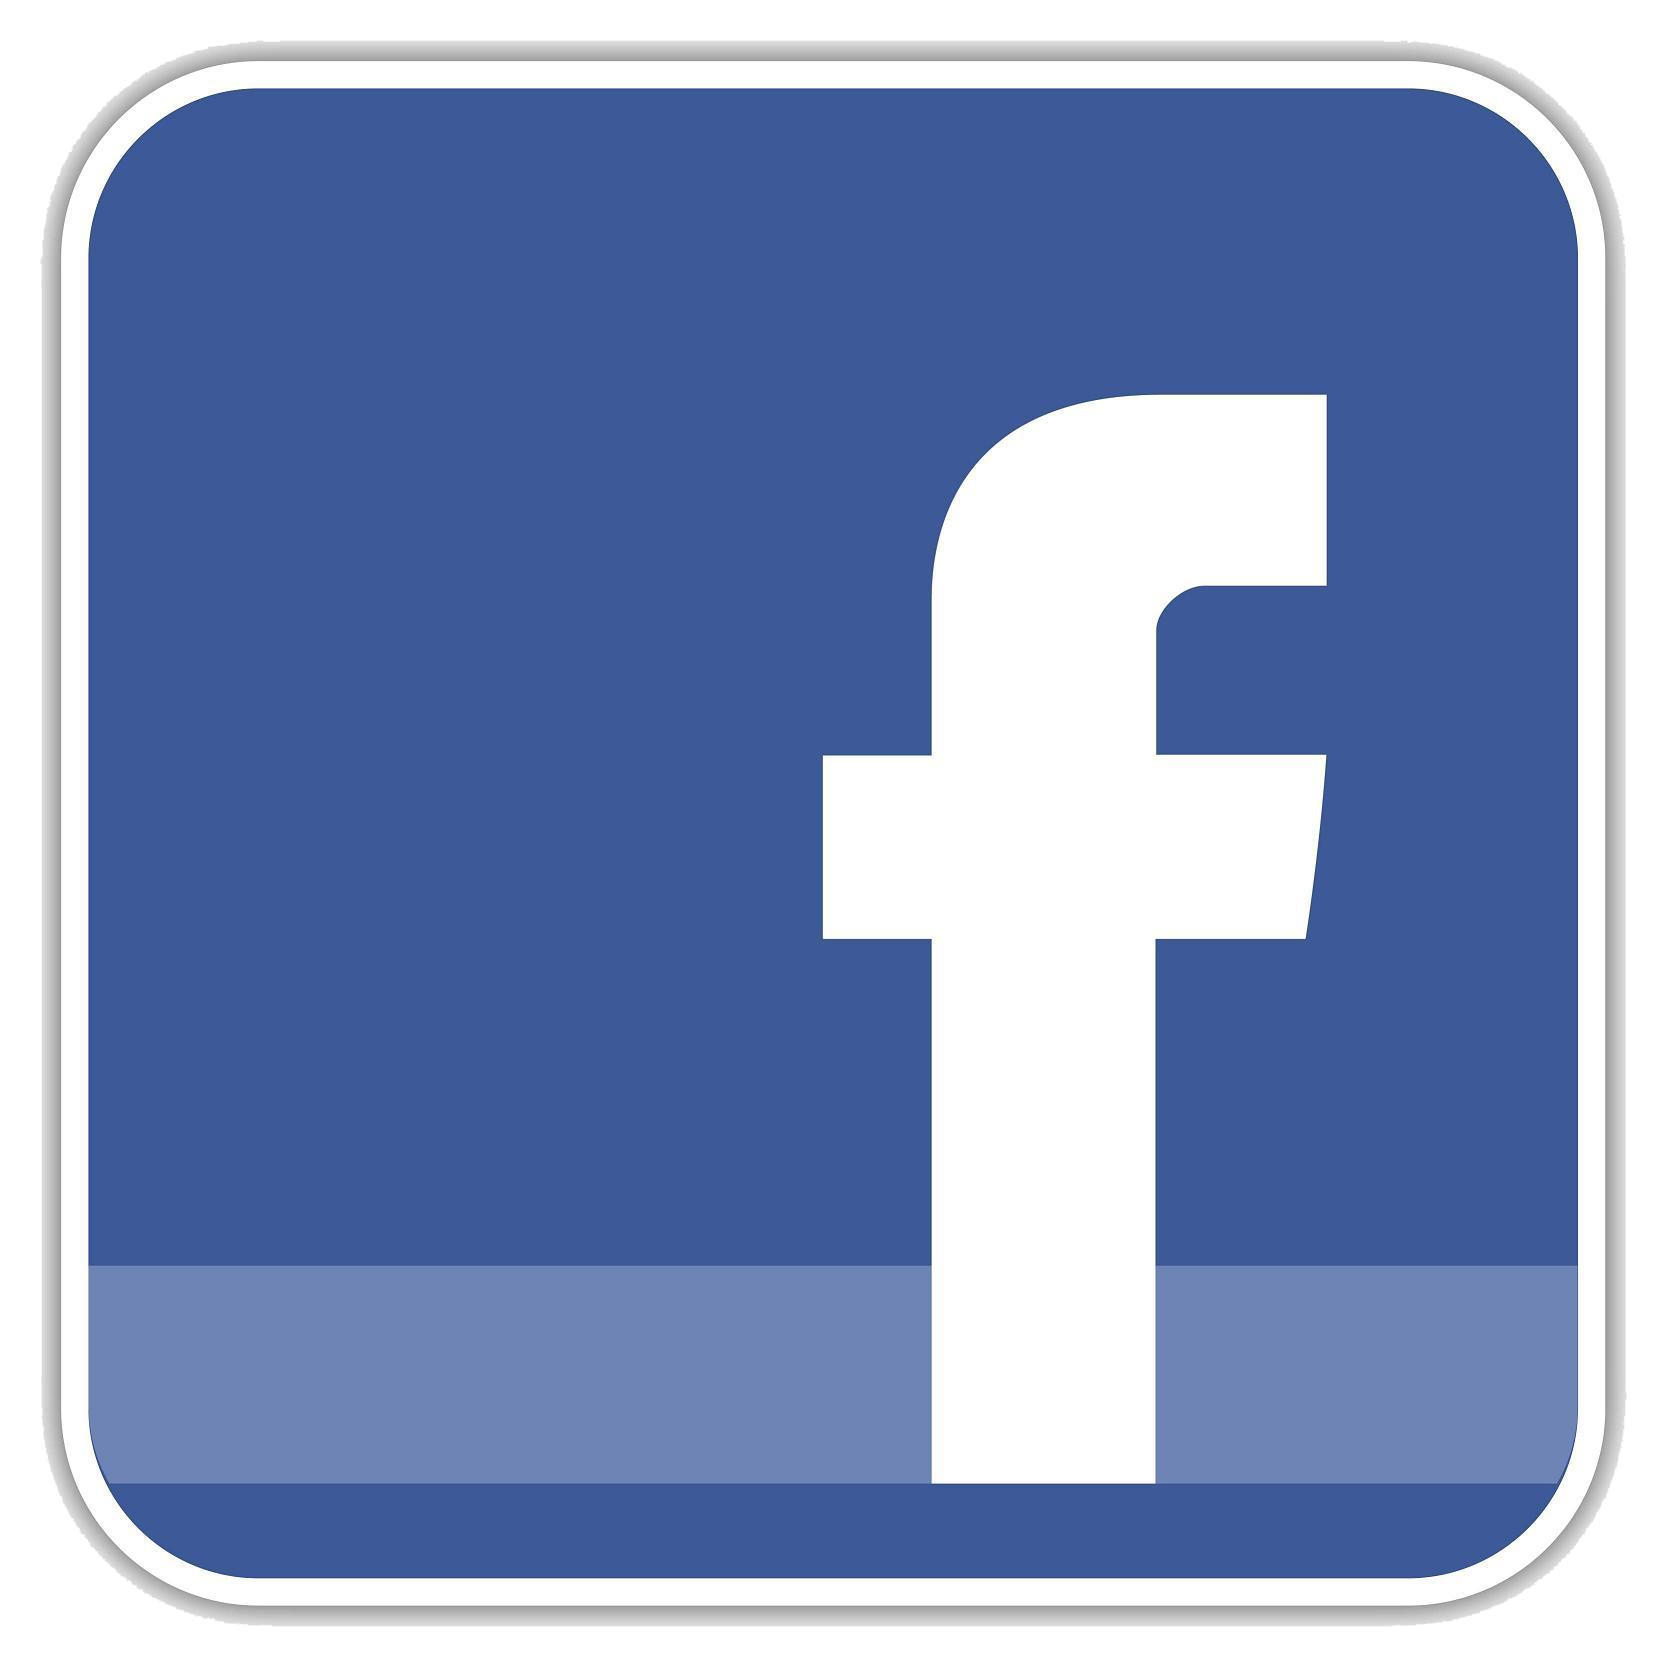 animation photo facebook-like